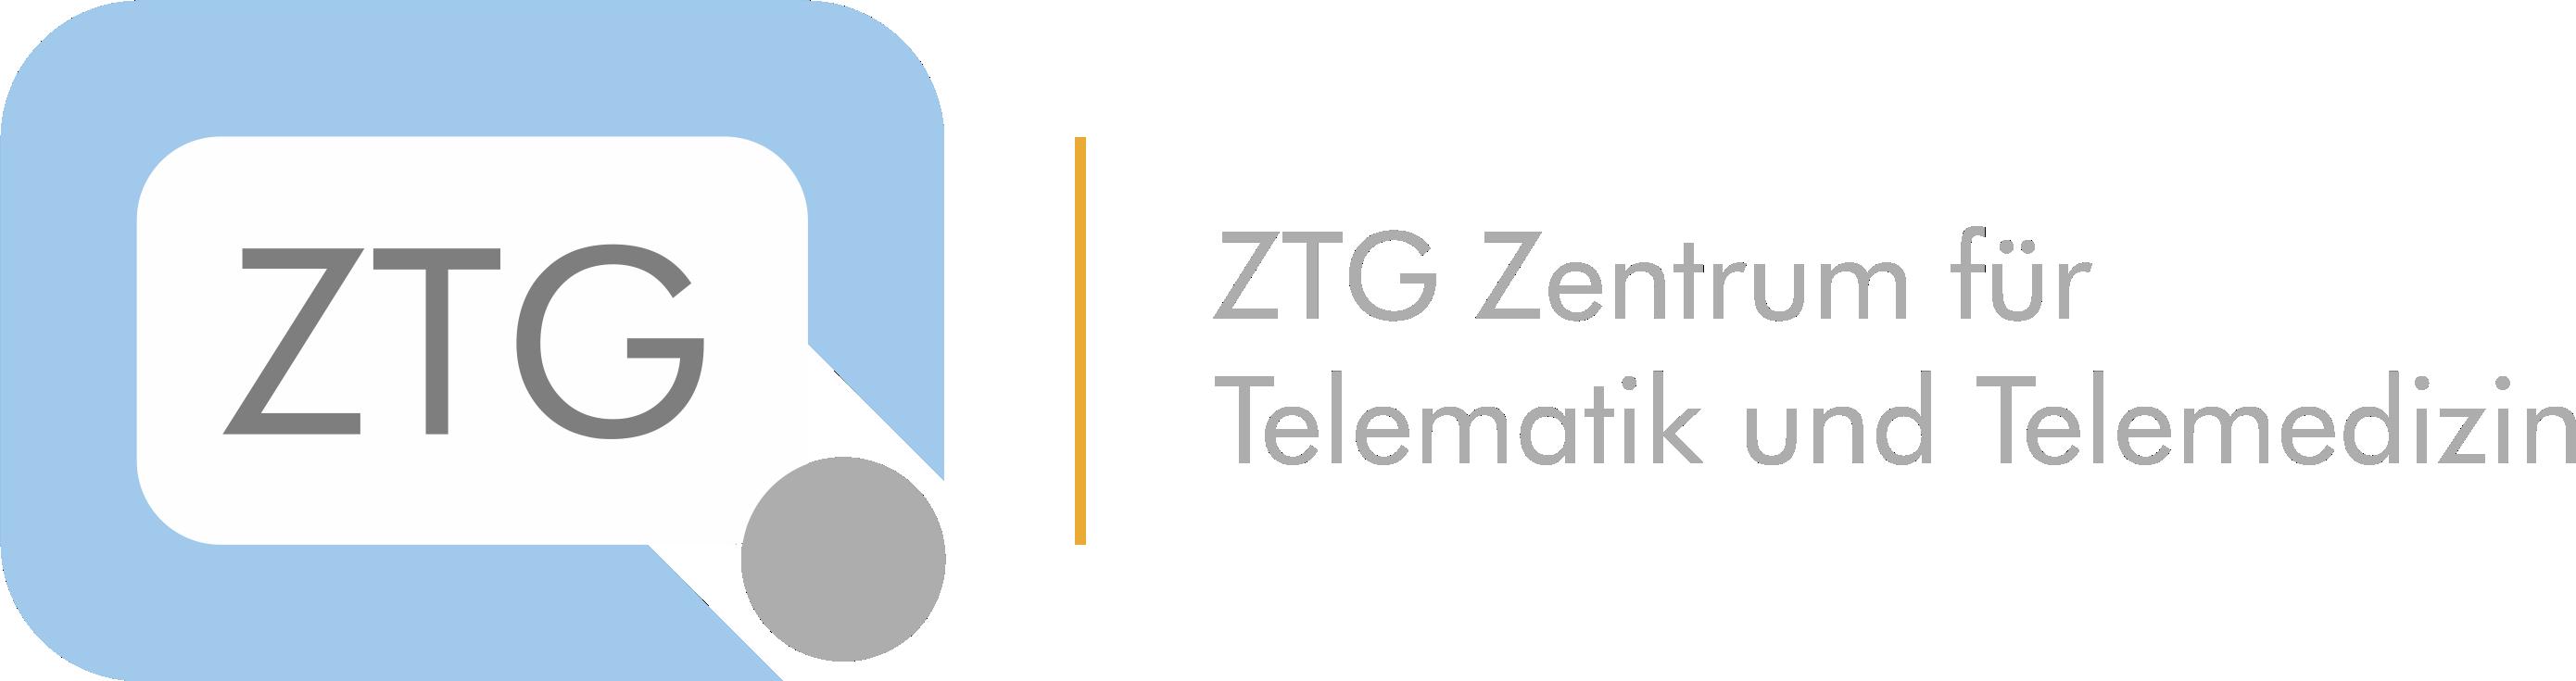 ZTG Zentrum für Telematik und Telemedizin GmbH